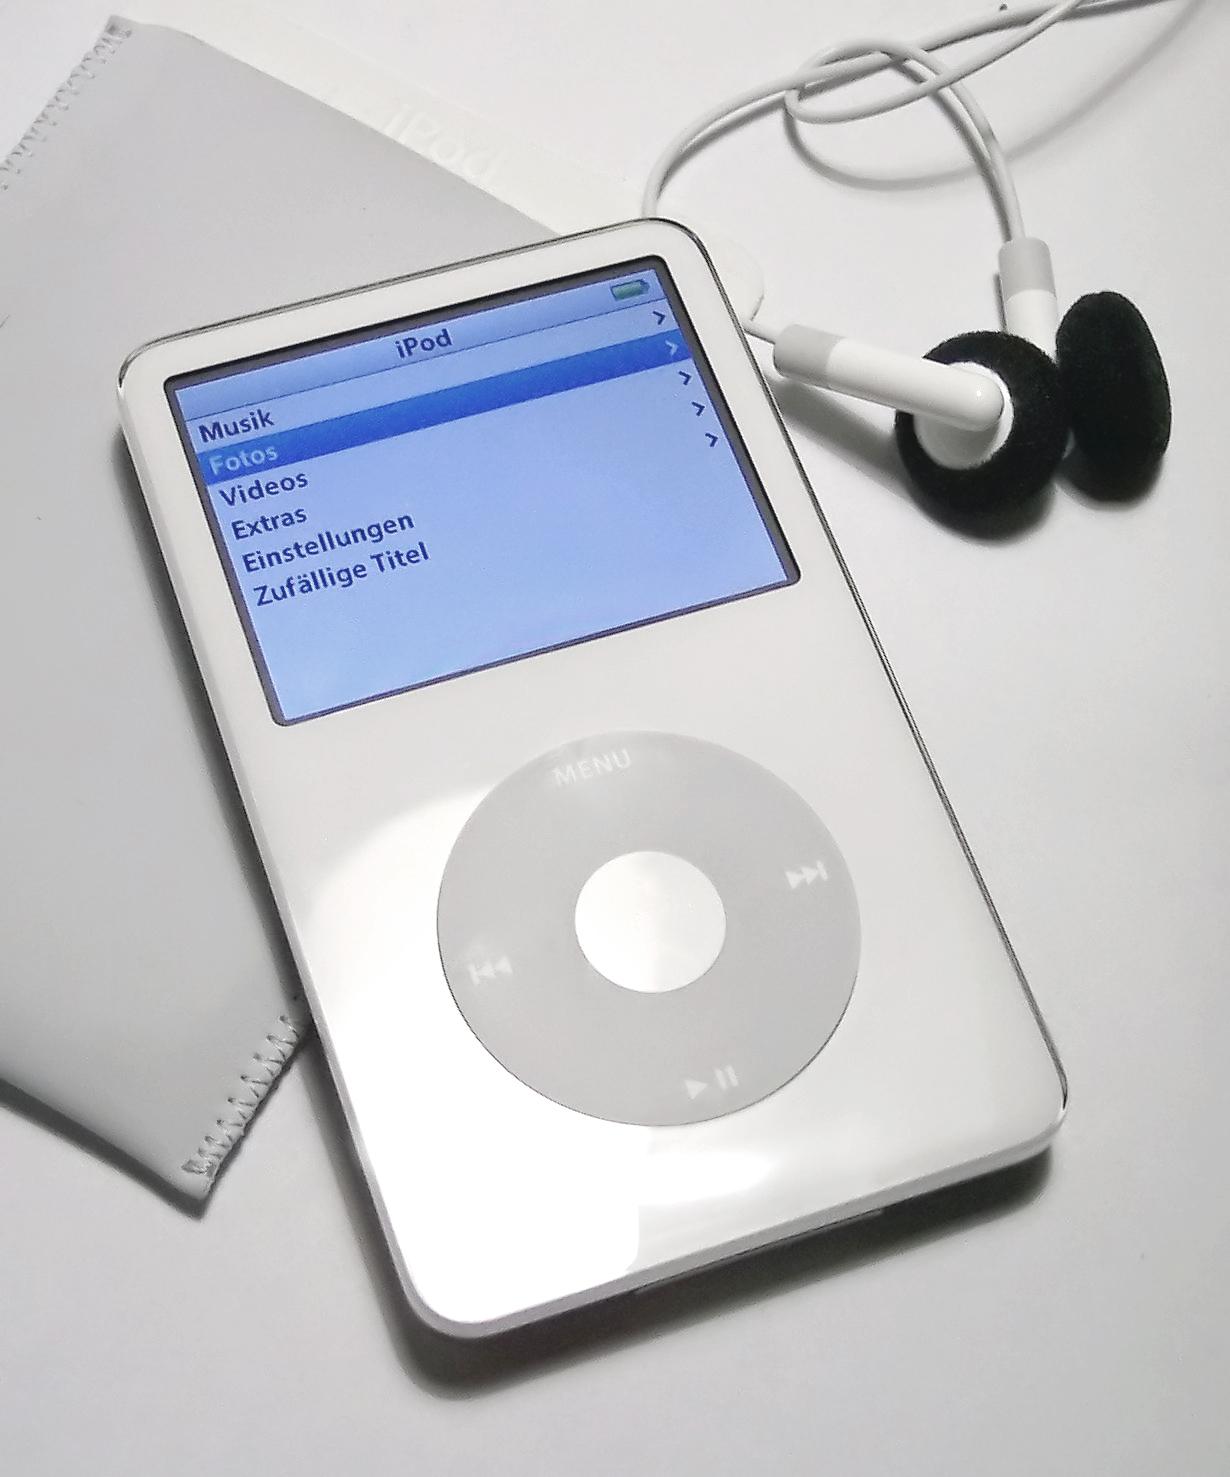 sprzęt do słuchania audiobooków